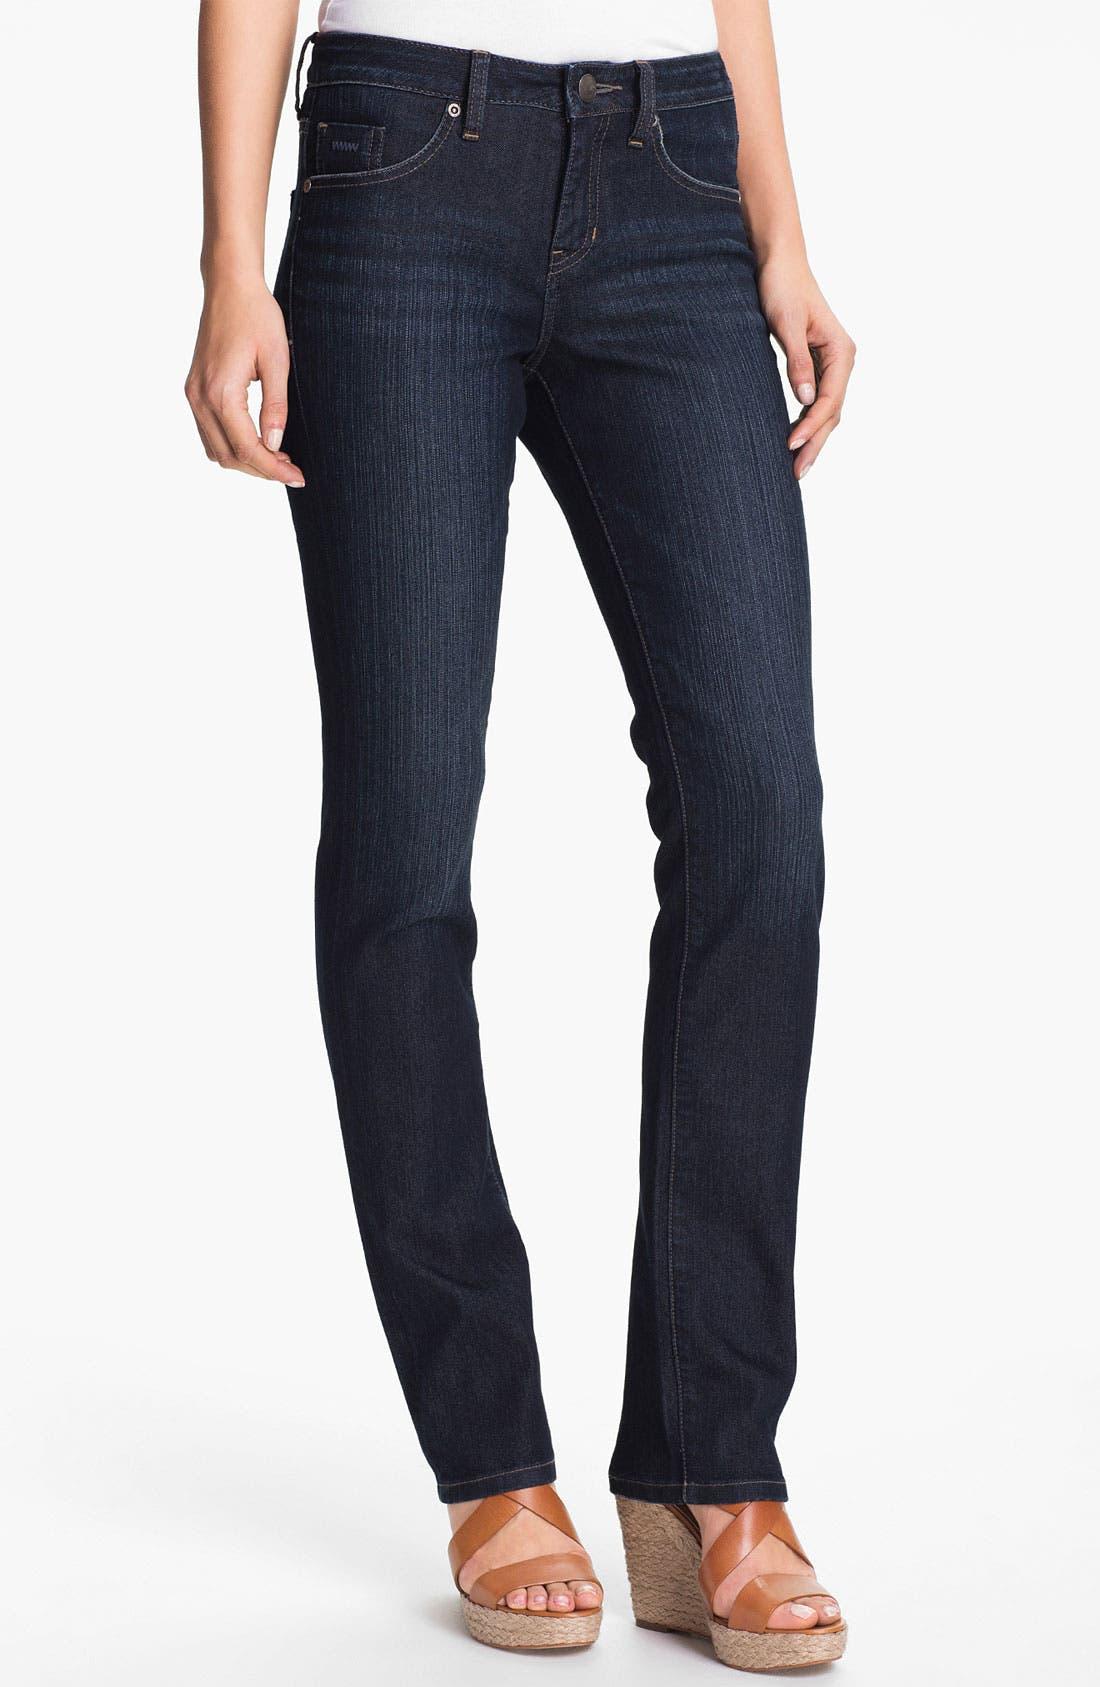 Alternate Image 1 Selected - Jag Jeans 'Jackson' Straight Leg Slub Denim Jeans